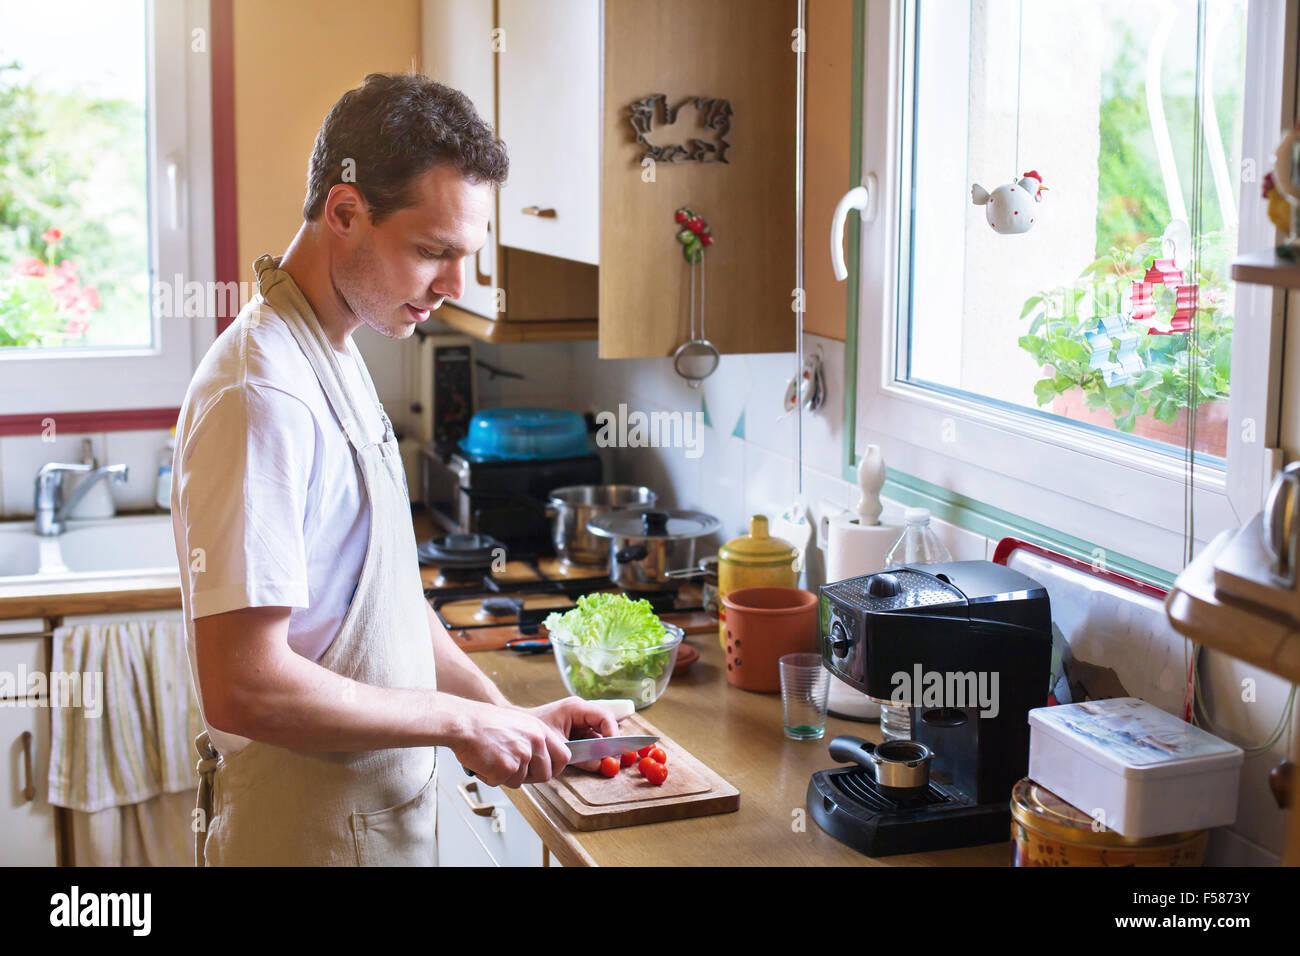 Cocinar alimentos sanos, jóvenes varones cortando tomates en la cocina Imagen De Stock